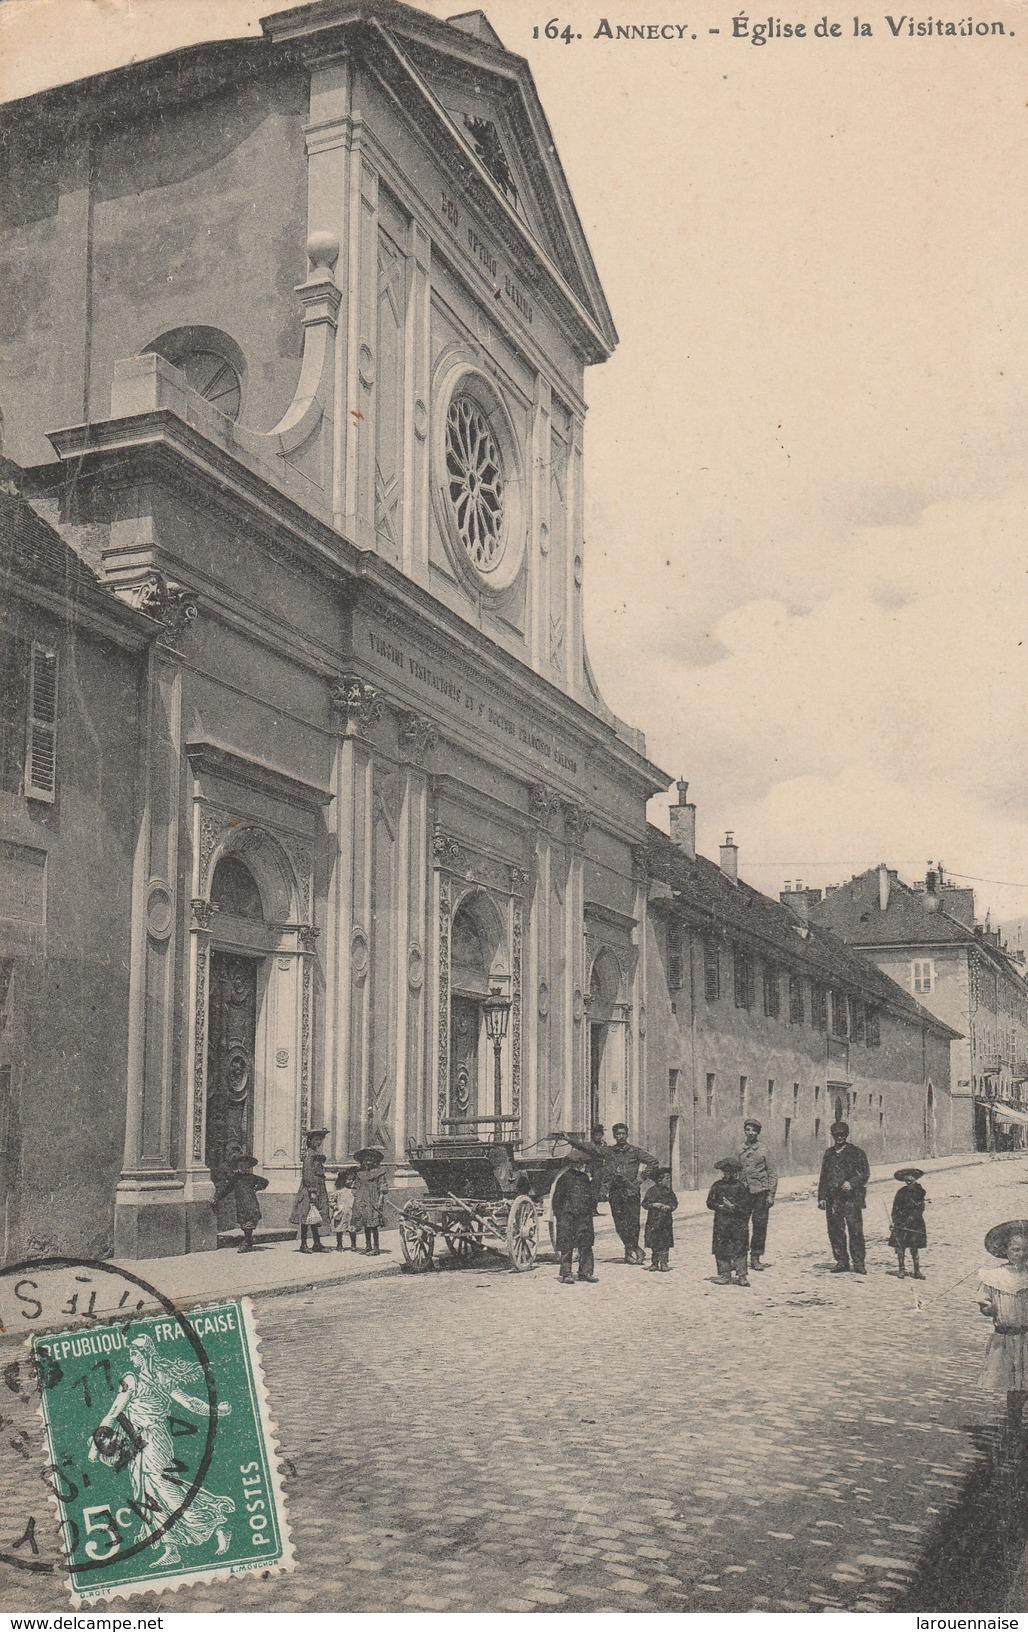 74 - ANNECY - Eglise De La Visitation - Annecy